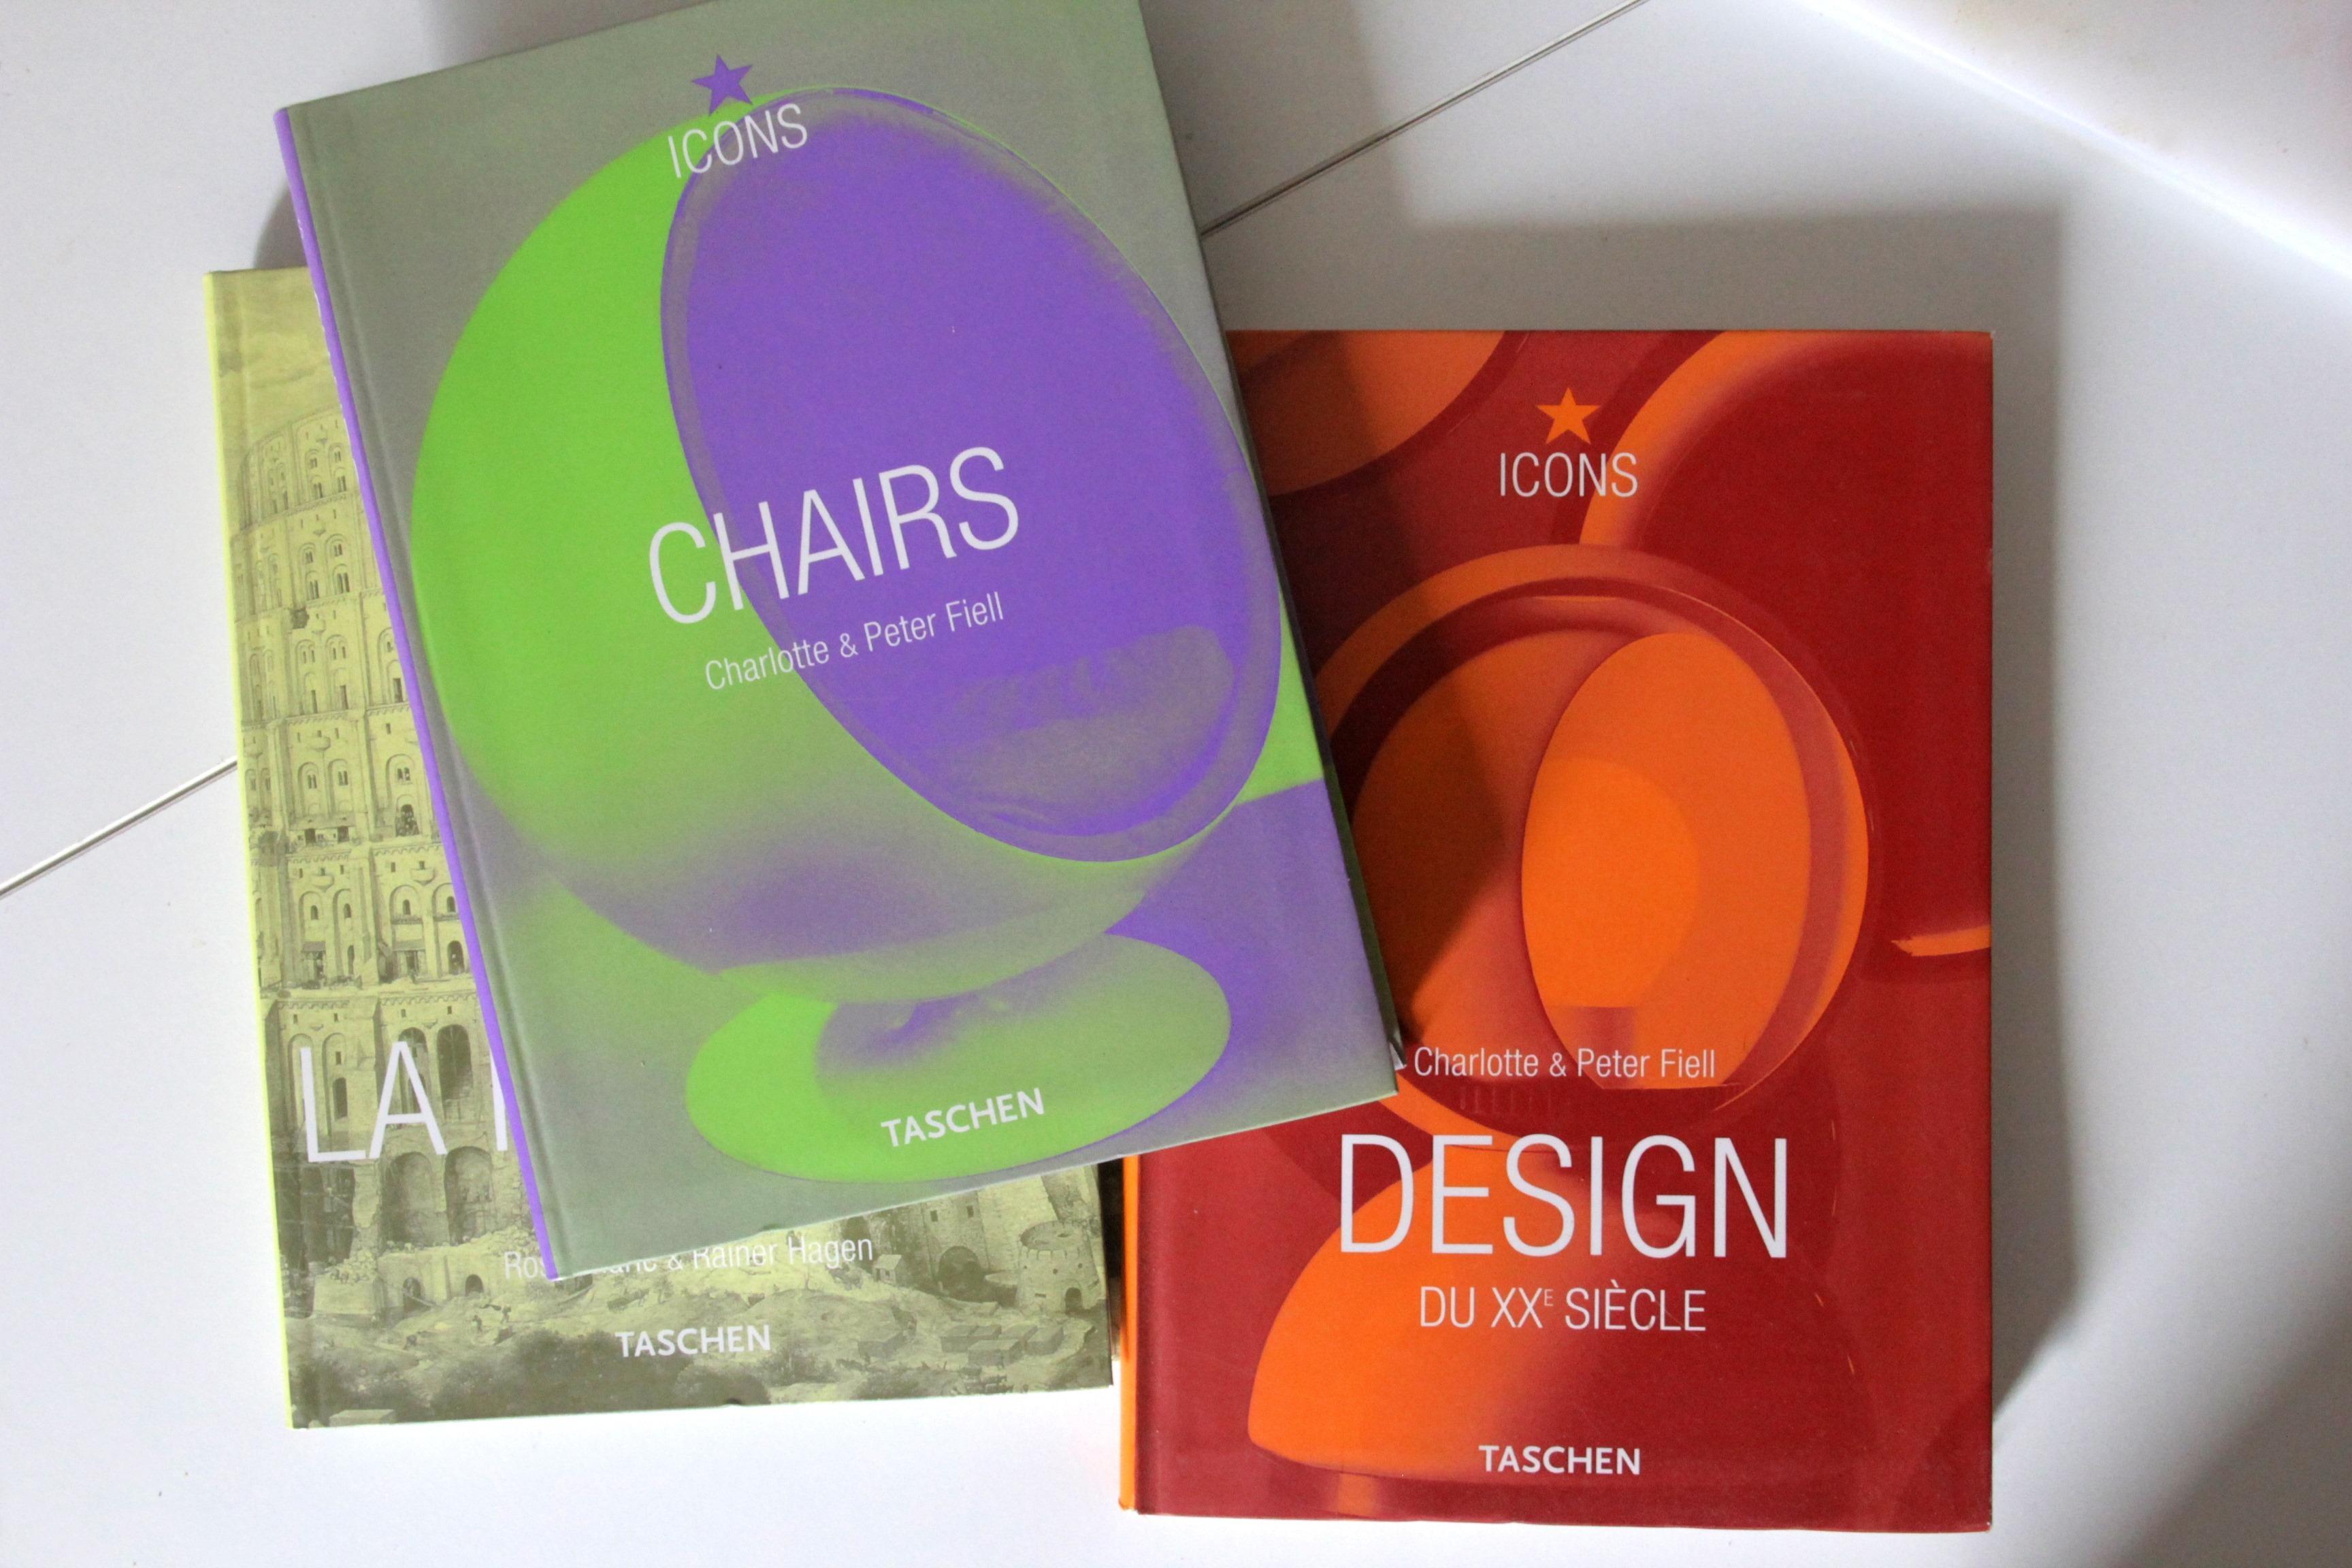 taschen-design-edition